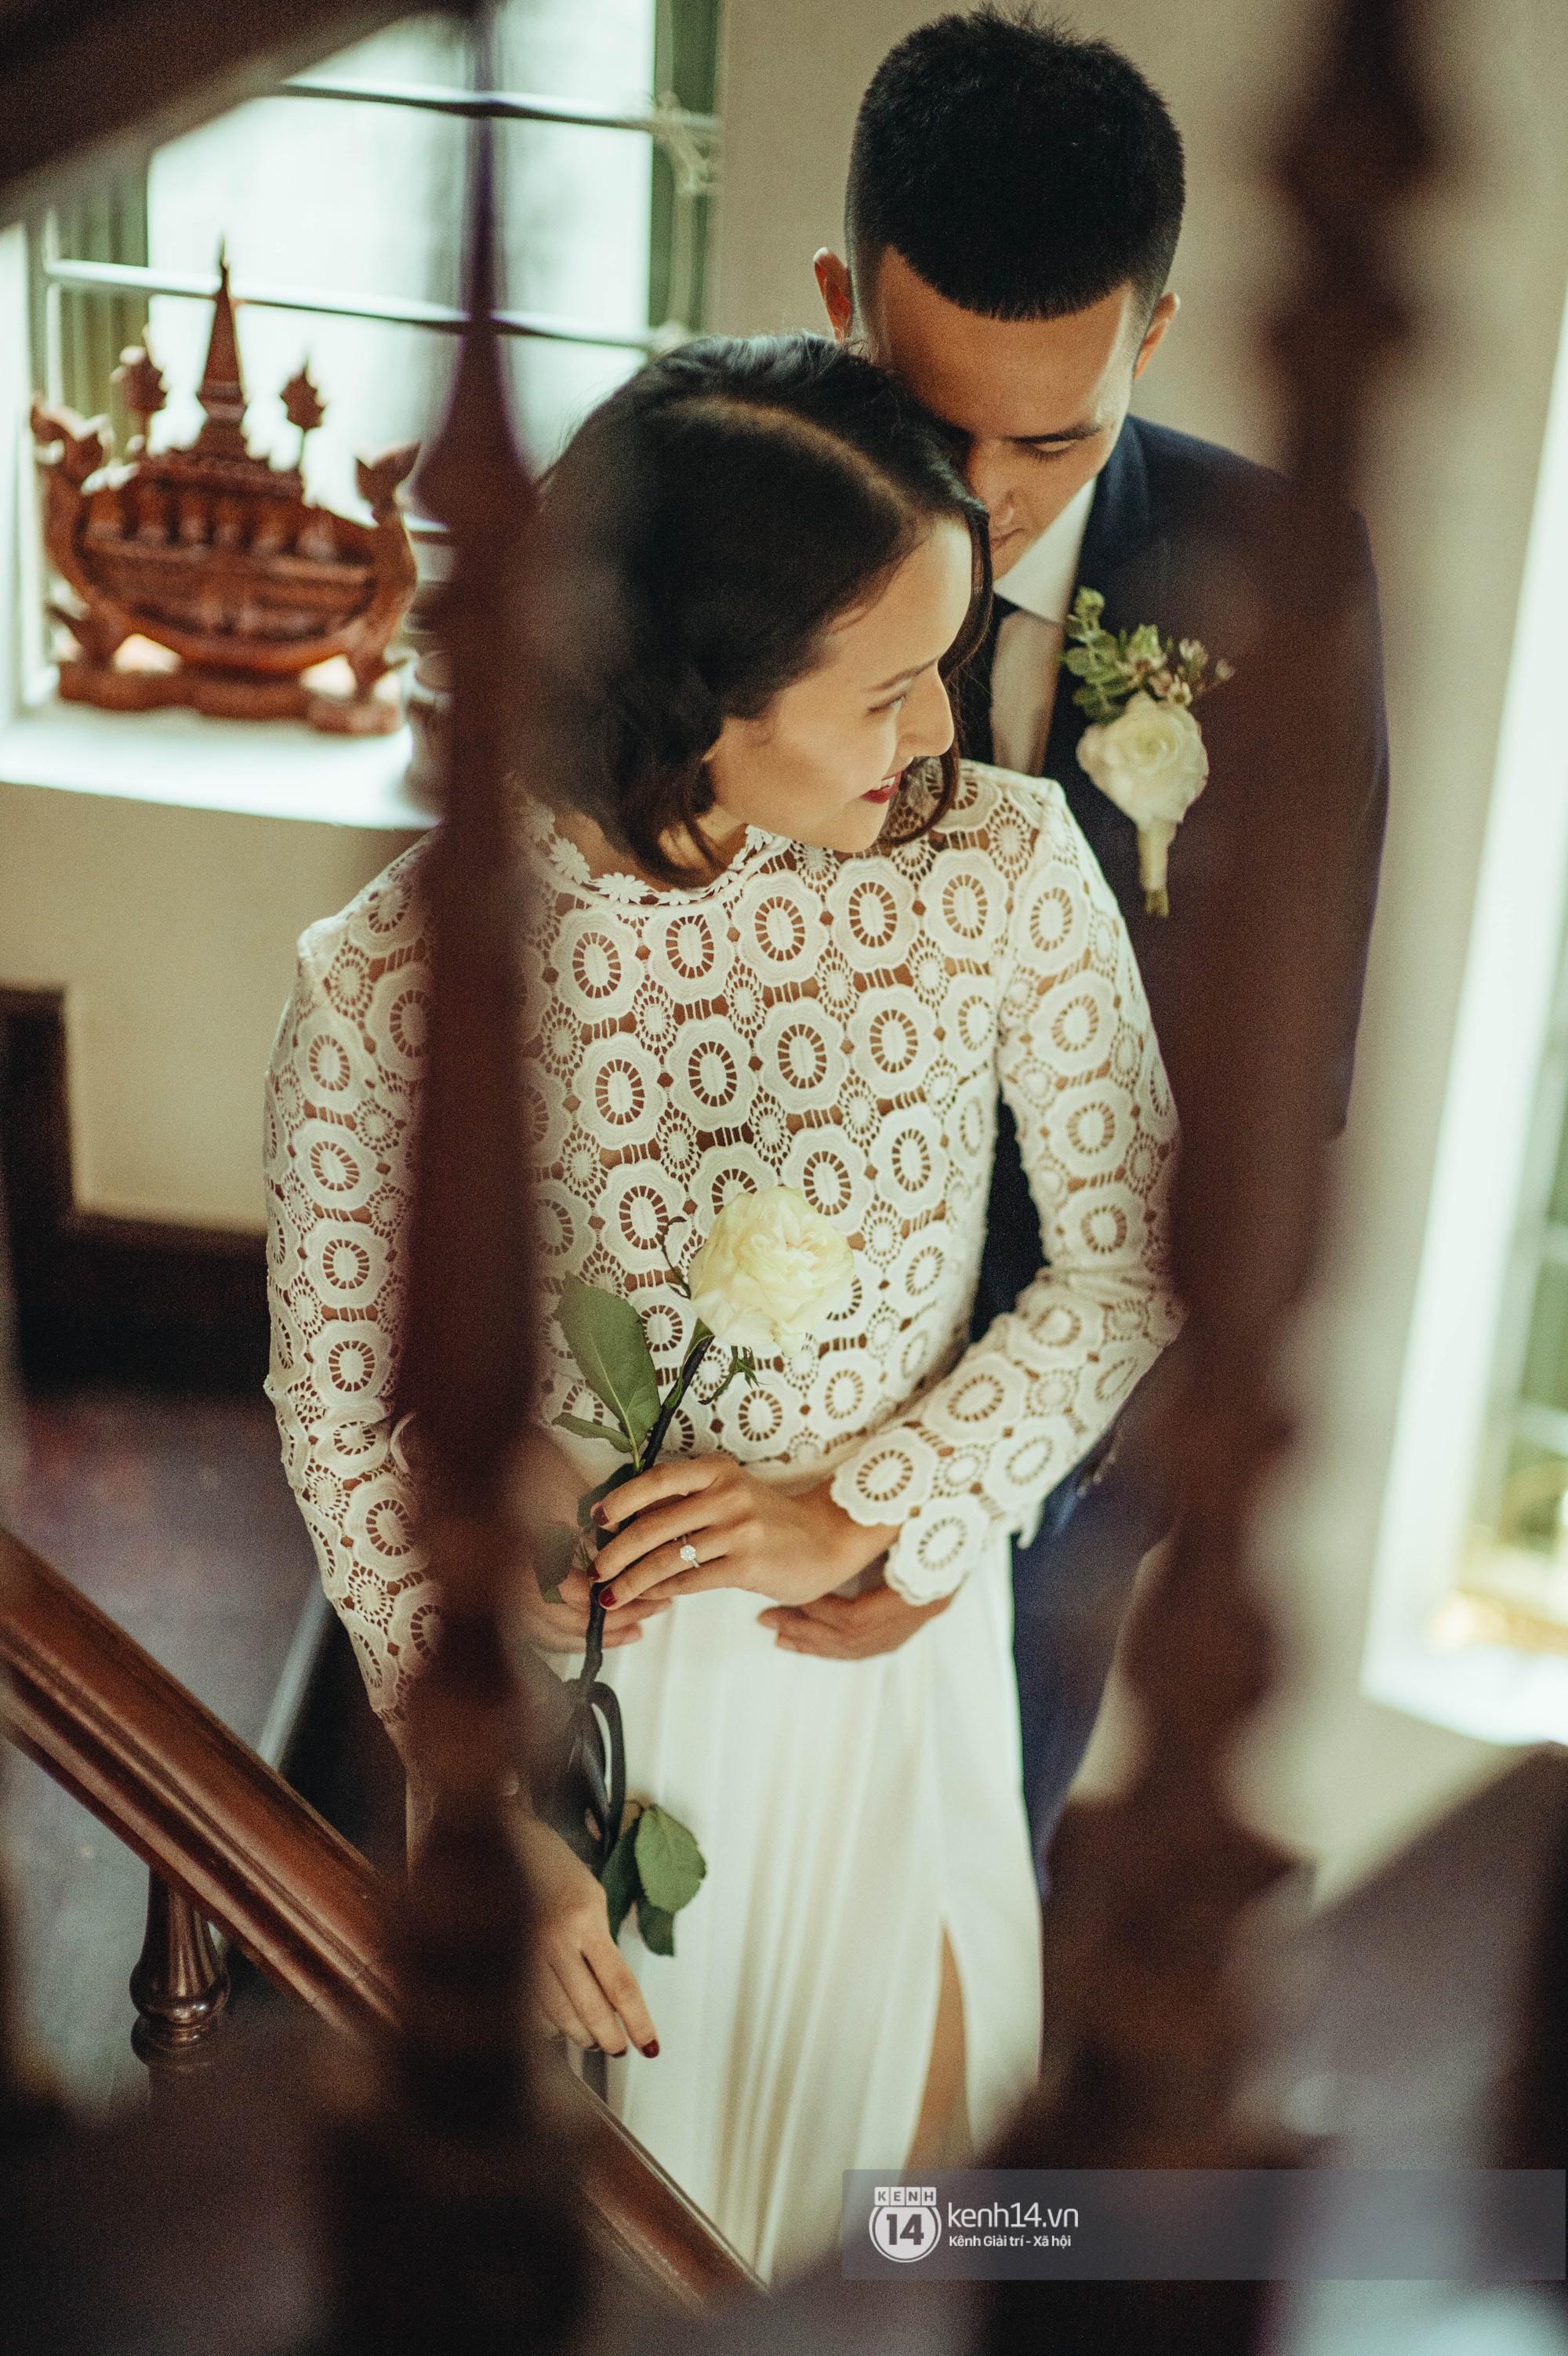 6 năm hẹn hò với bạn thân của hot Vlogger Giang Ơi khép lại bằng đám cưới giản dị nhưng đong đầy hạnh phúc - Ảnh 12.